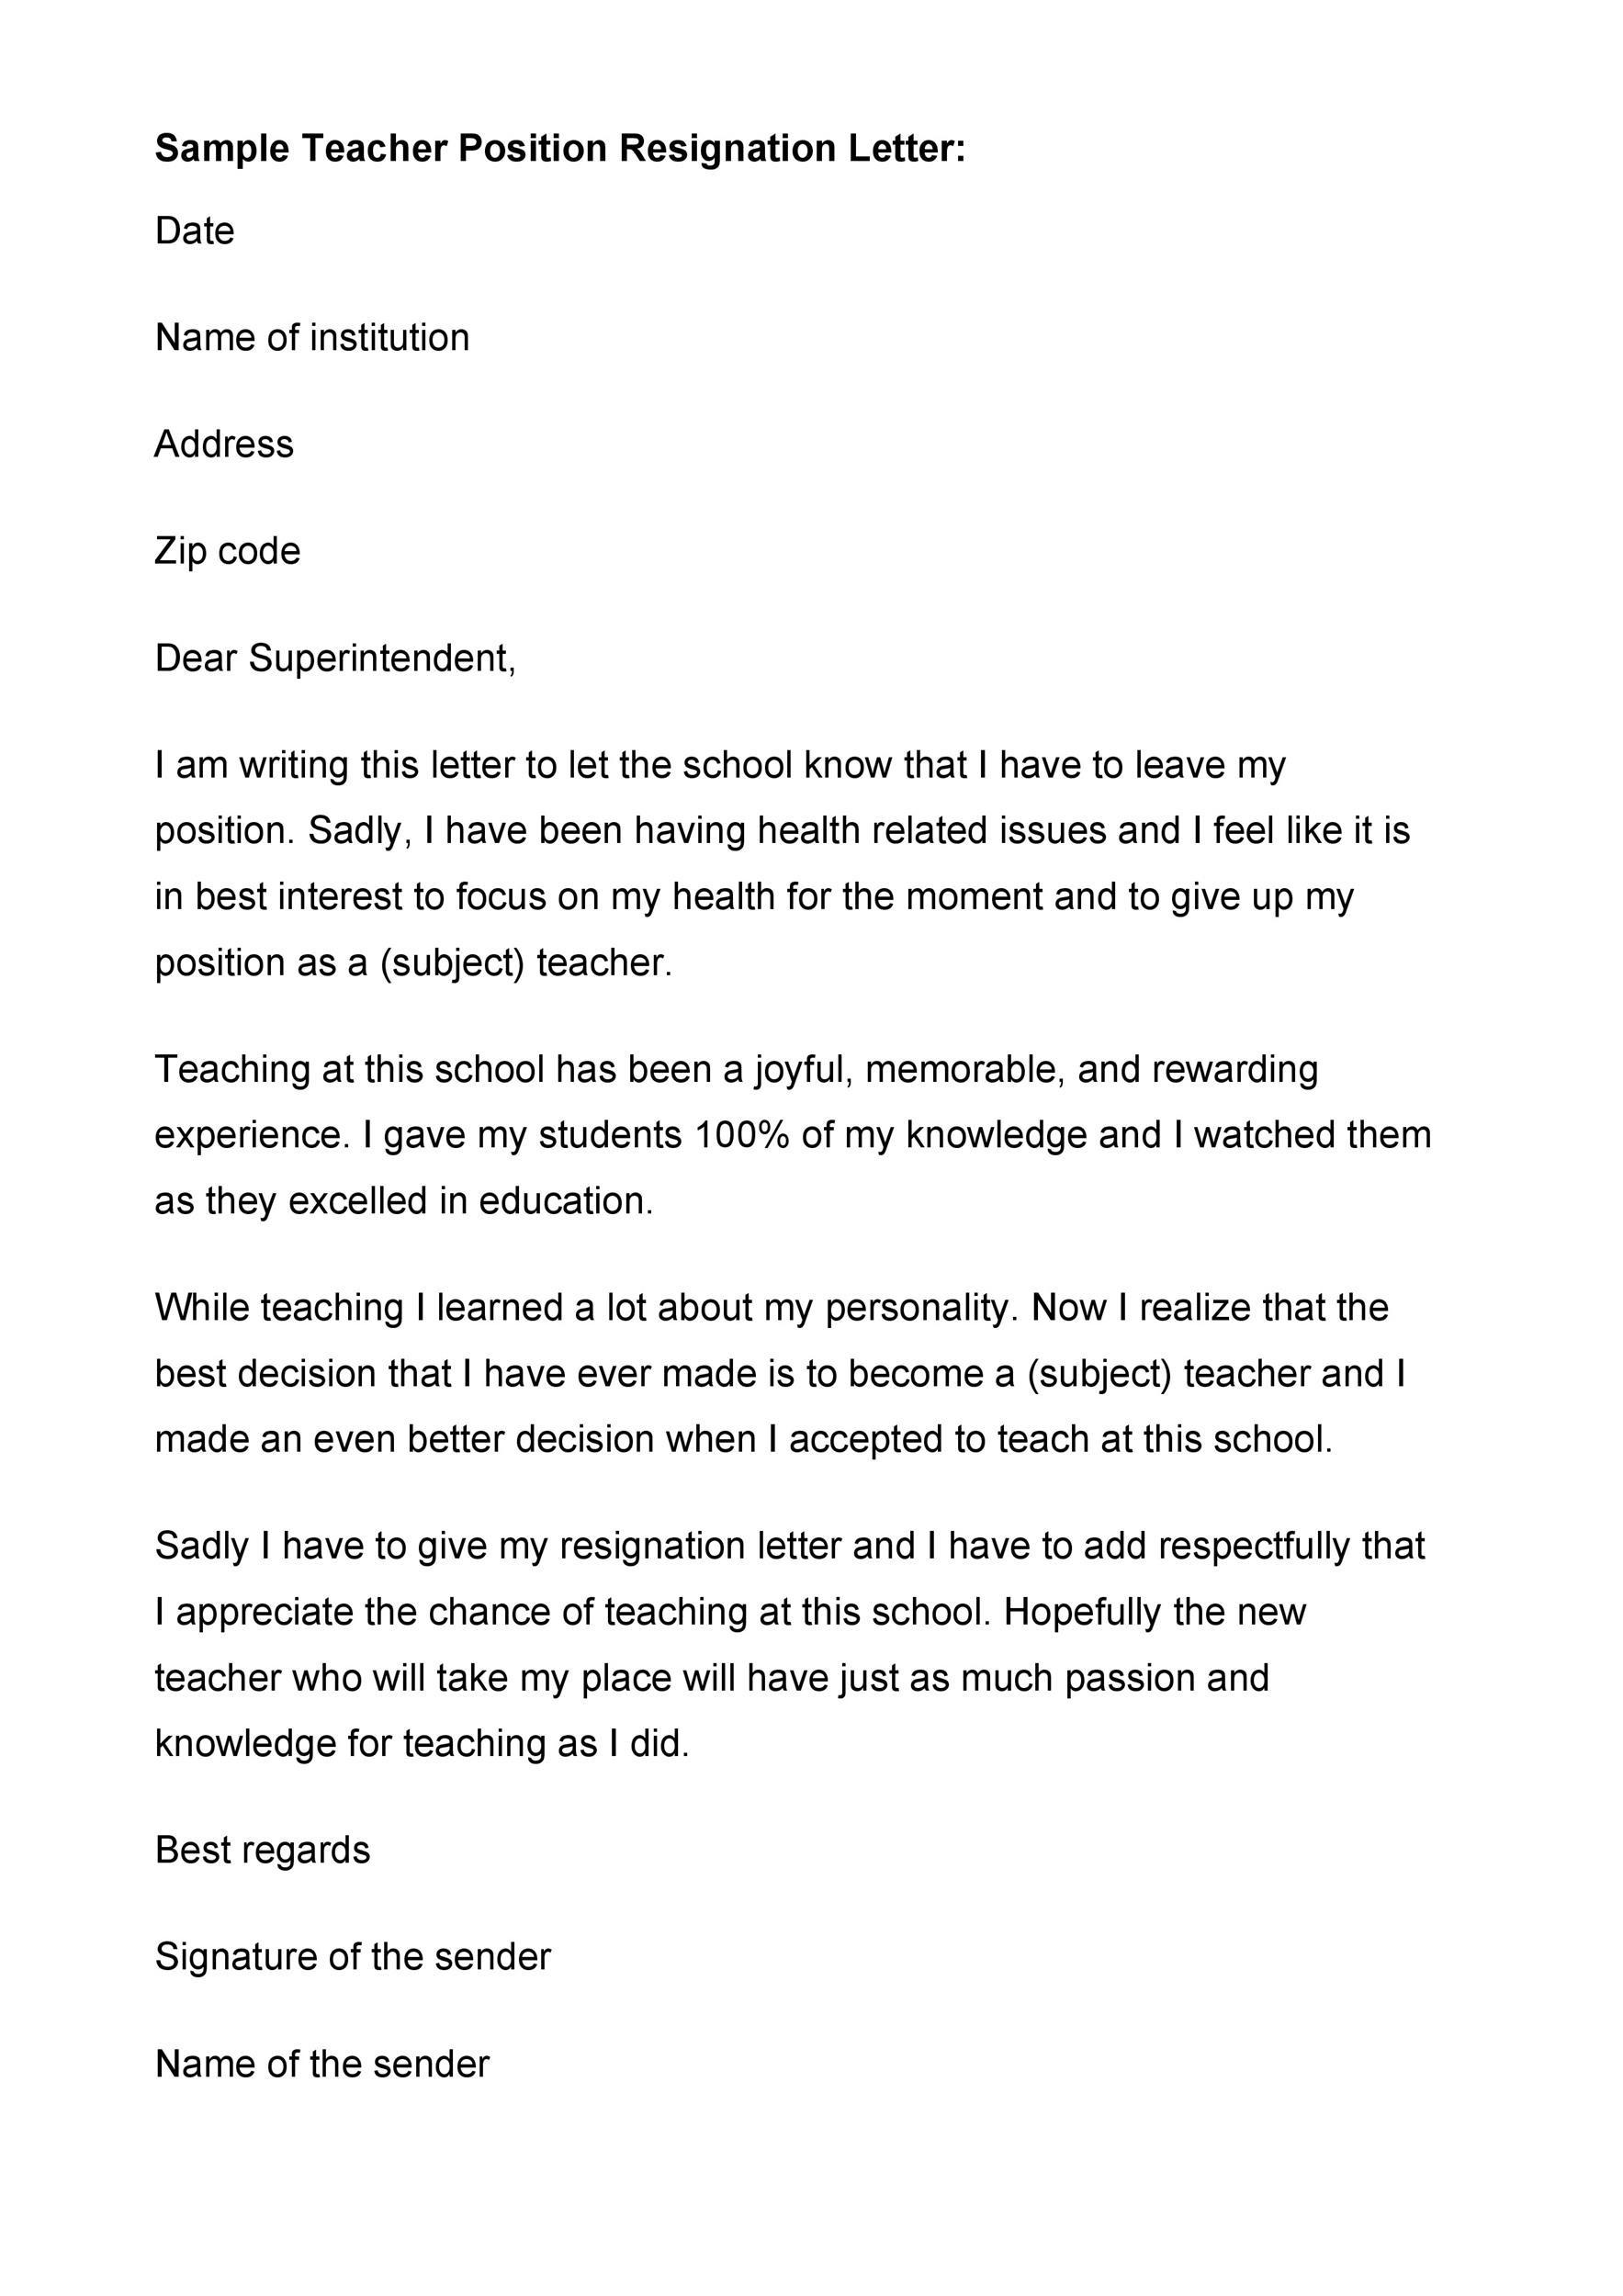 Free teacher resignation letter 10